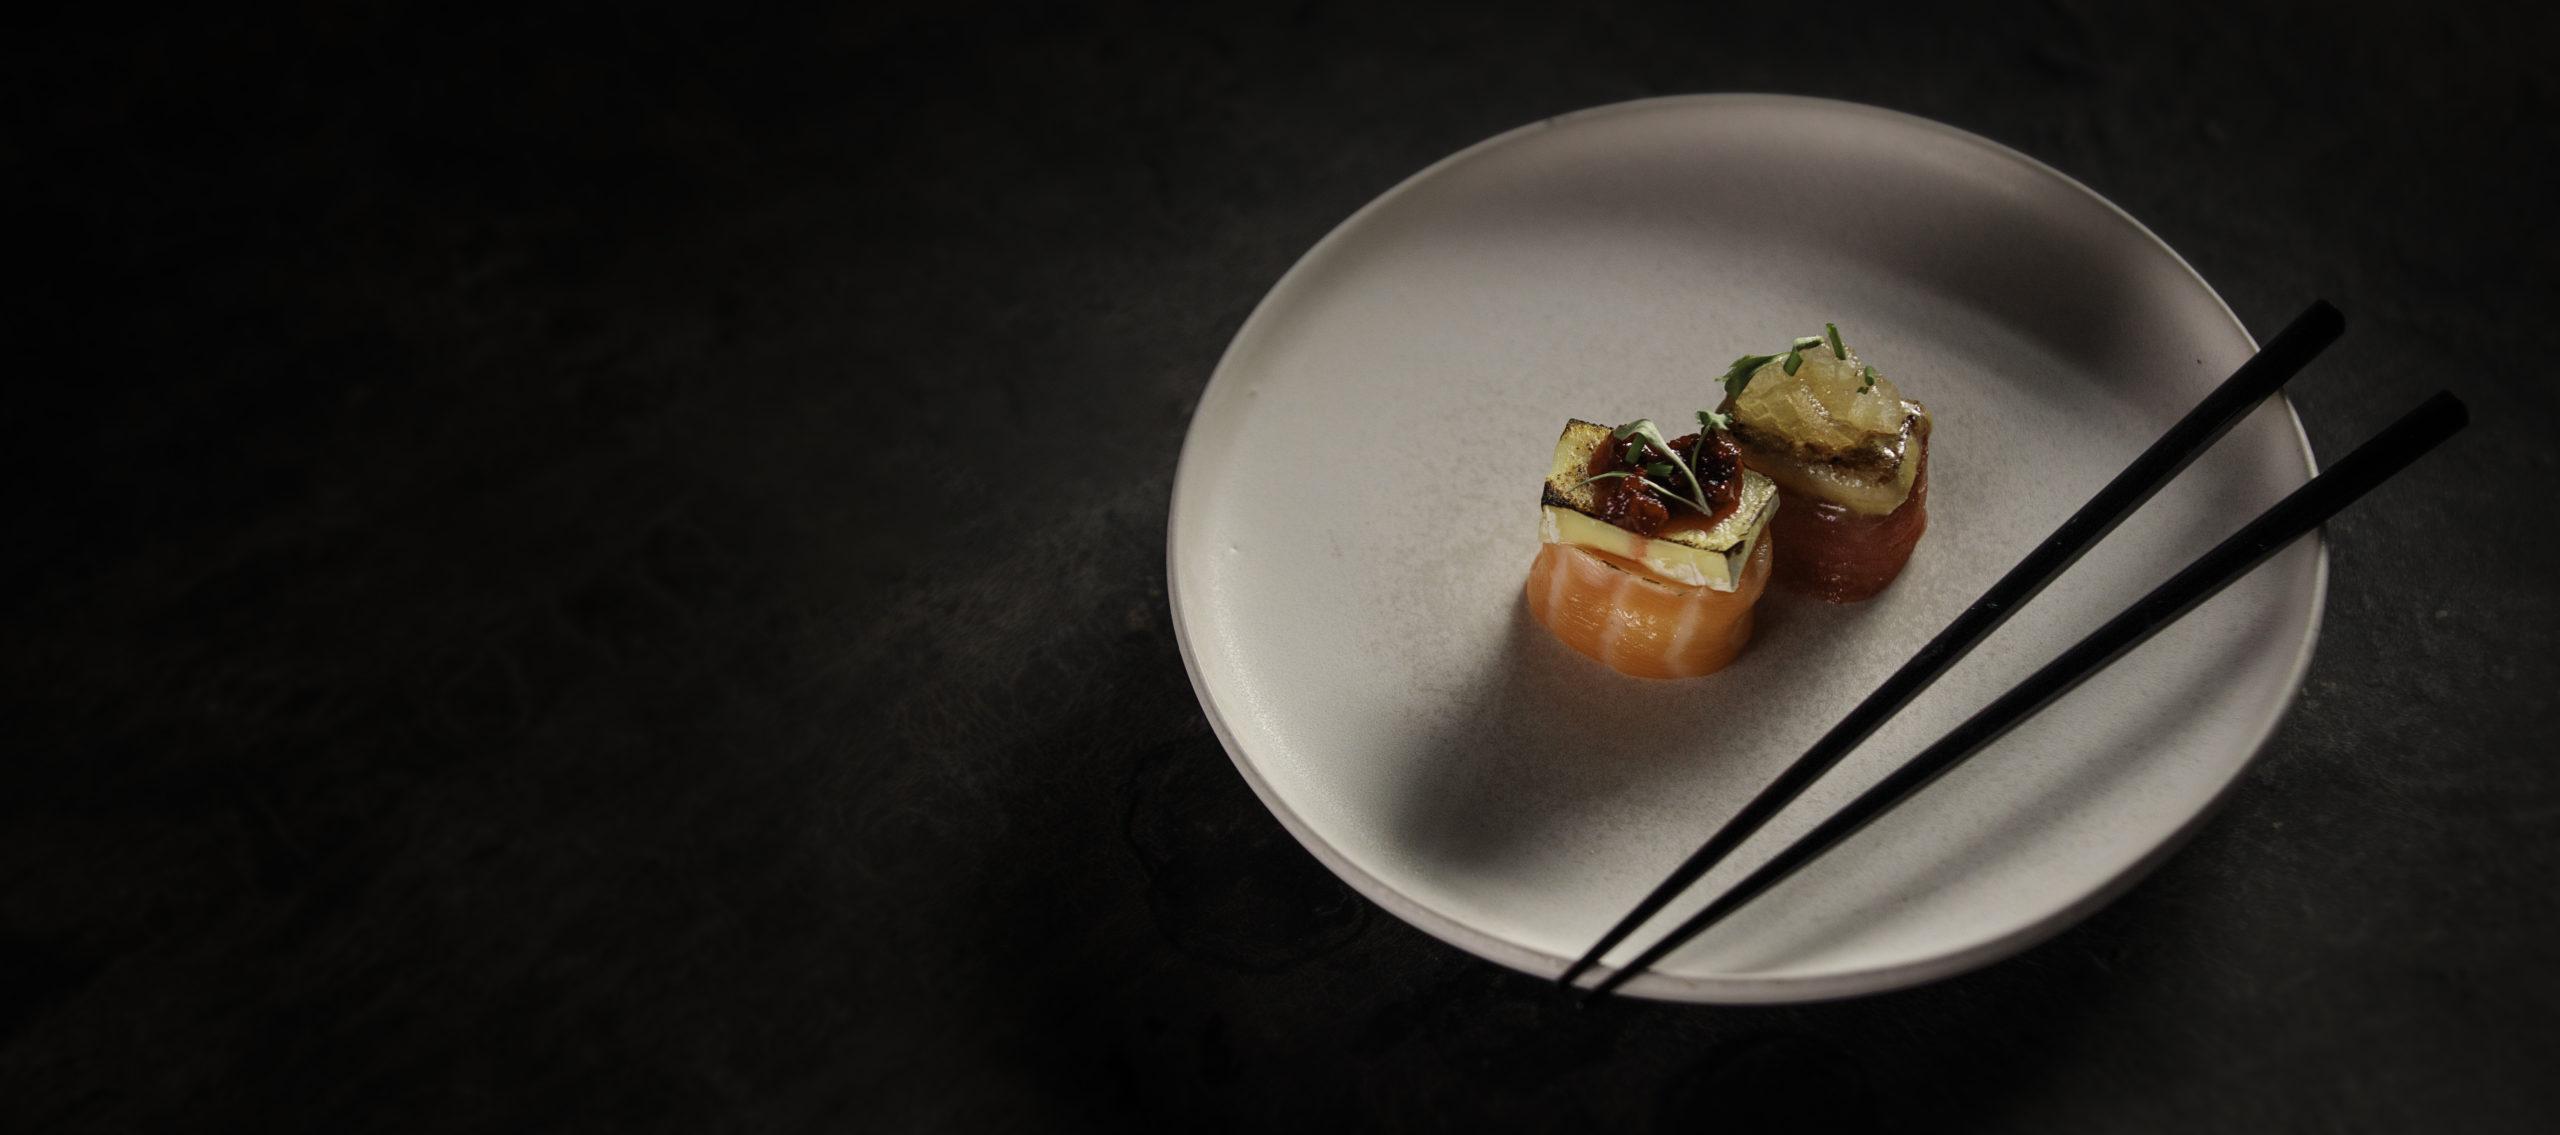 Pateo do Sushi